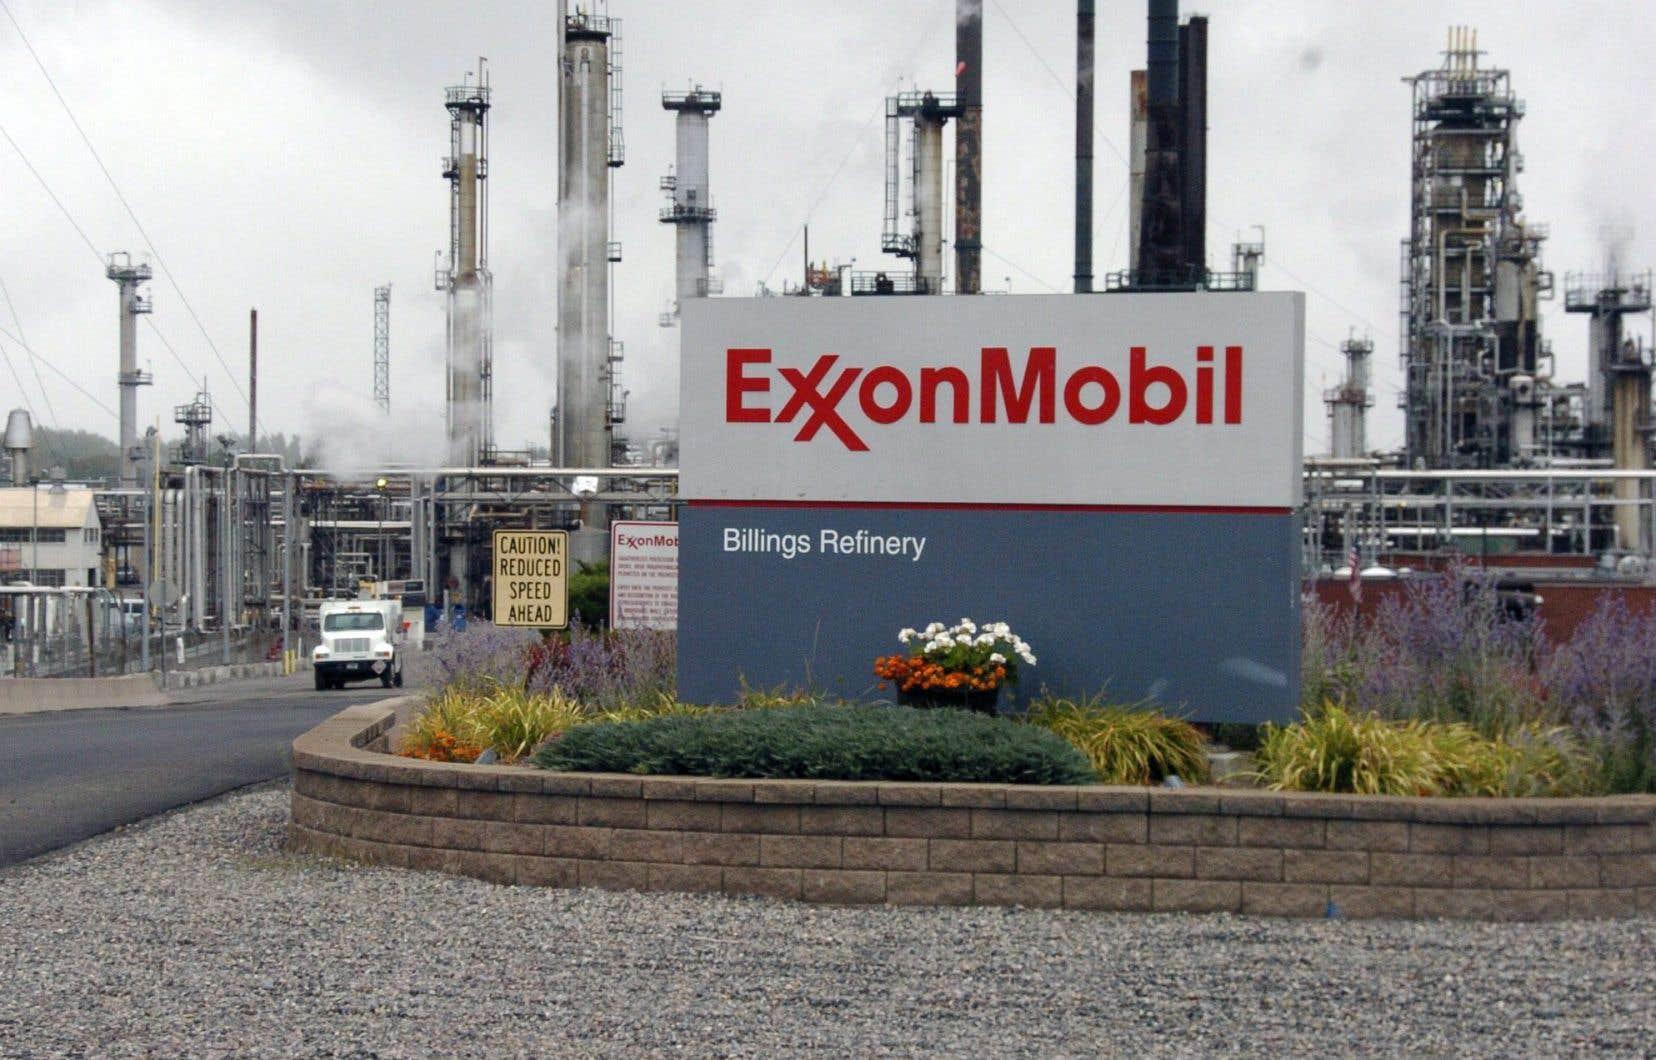 L'action ExxonMobil n'était pas touchée jeudi par l'annonce de ce procès.